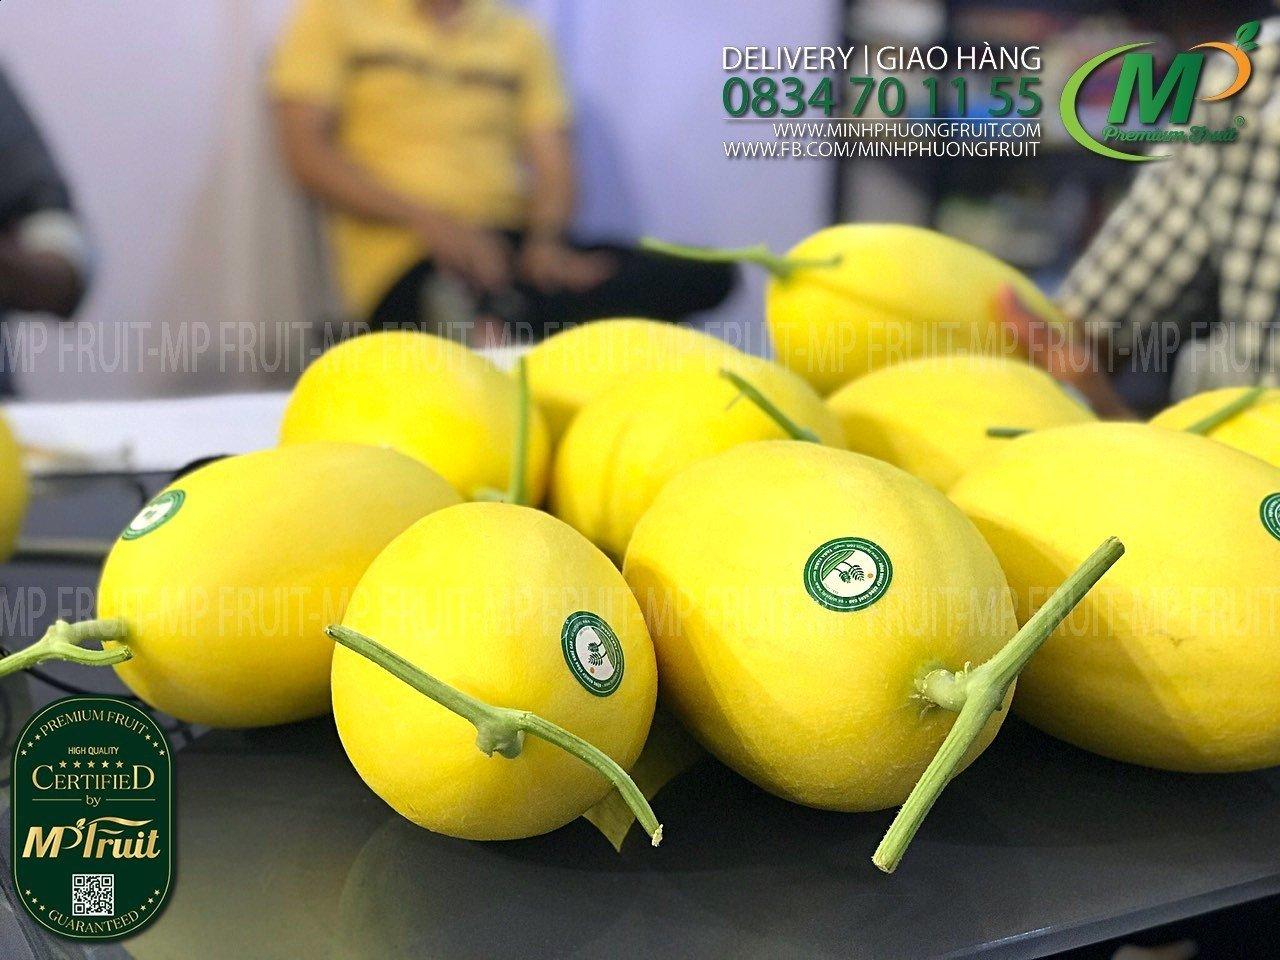 Dưa Lưới Giống Mỹ Huỳnh Long Fara Farm tại MP Fruit